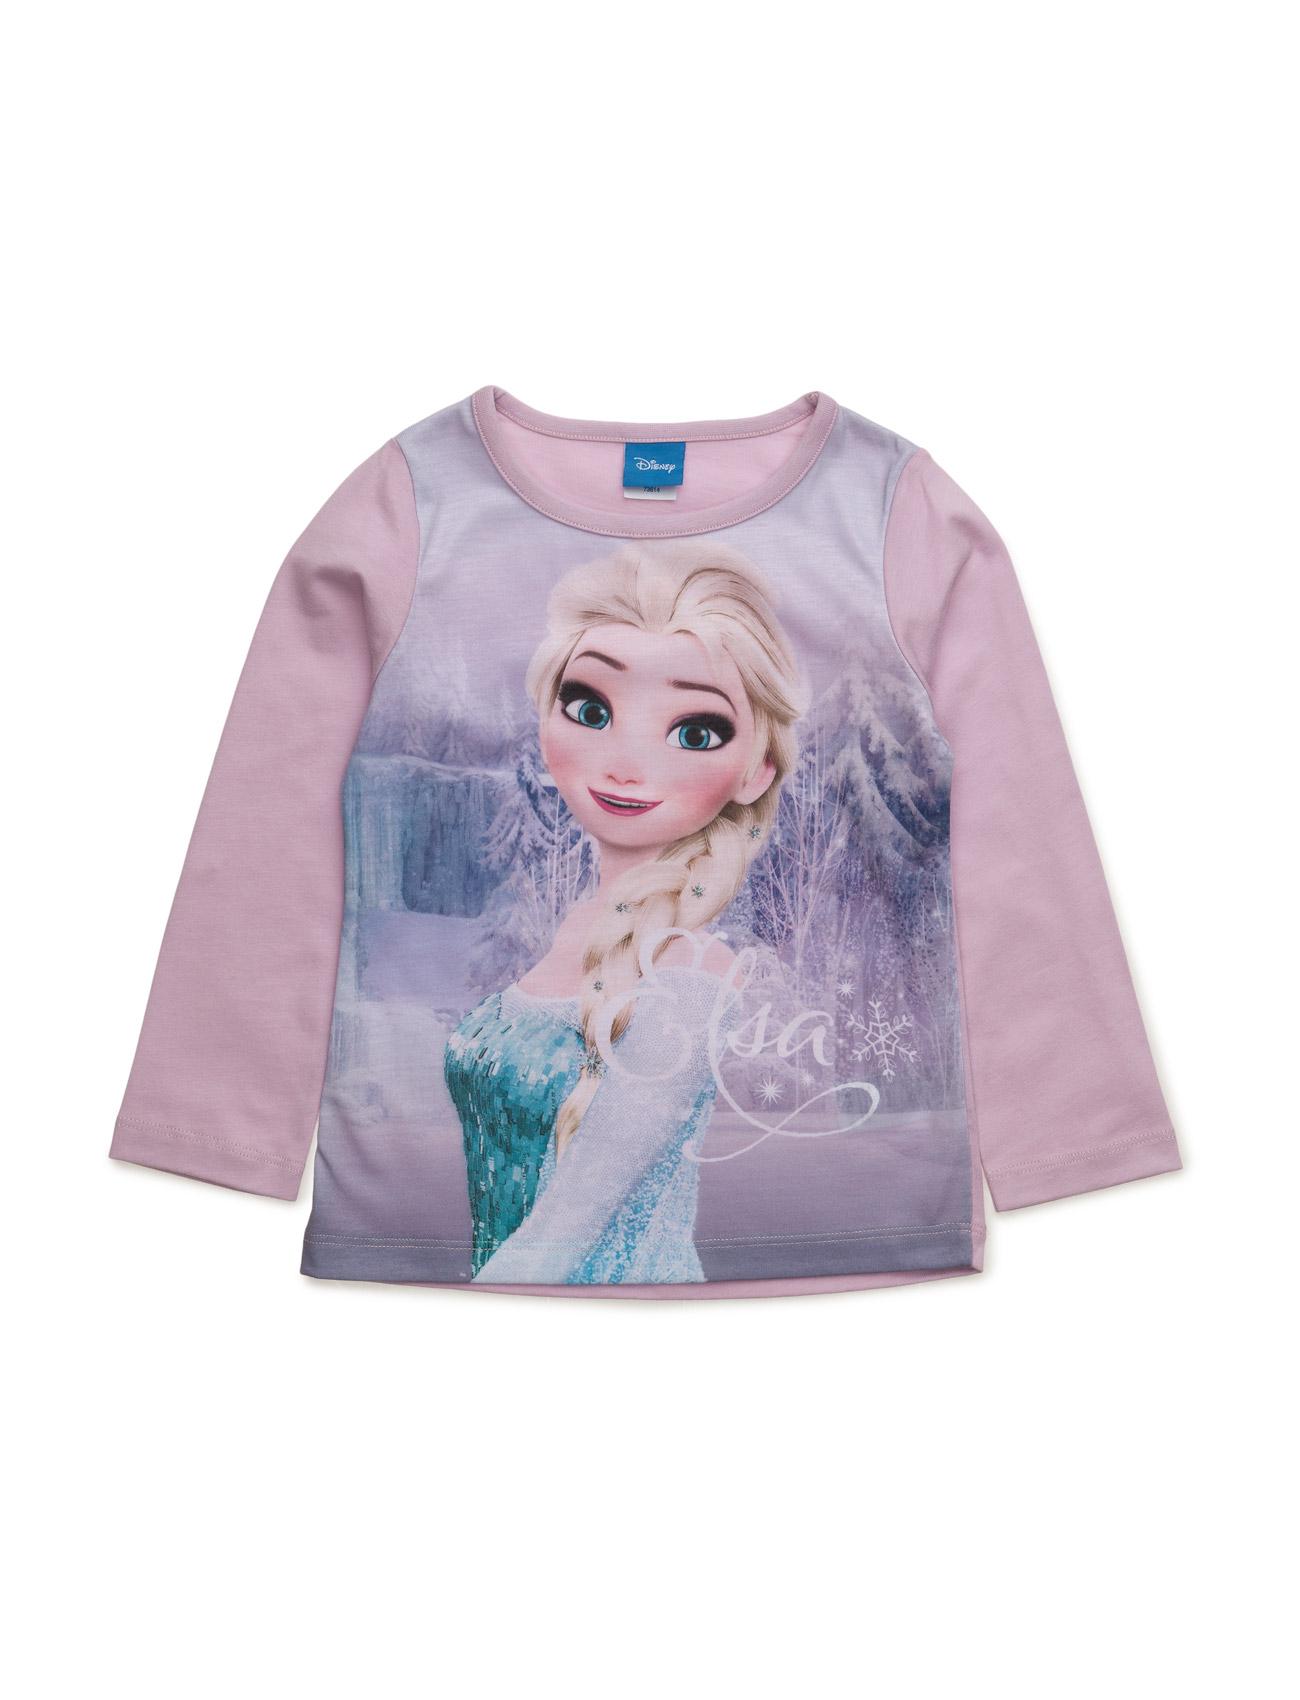 Shirt Disney Langærmede t-shirts til Børn i Lilla